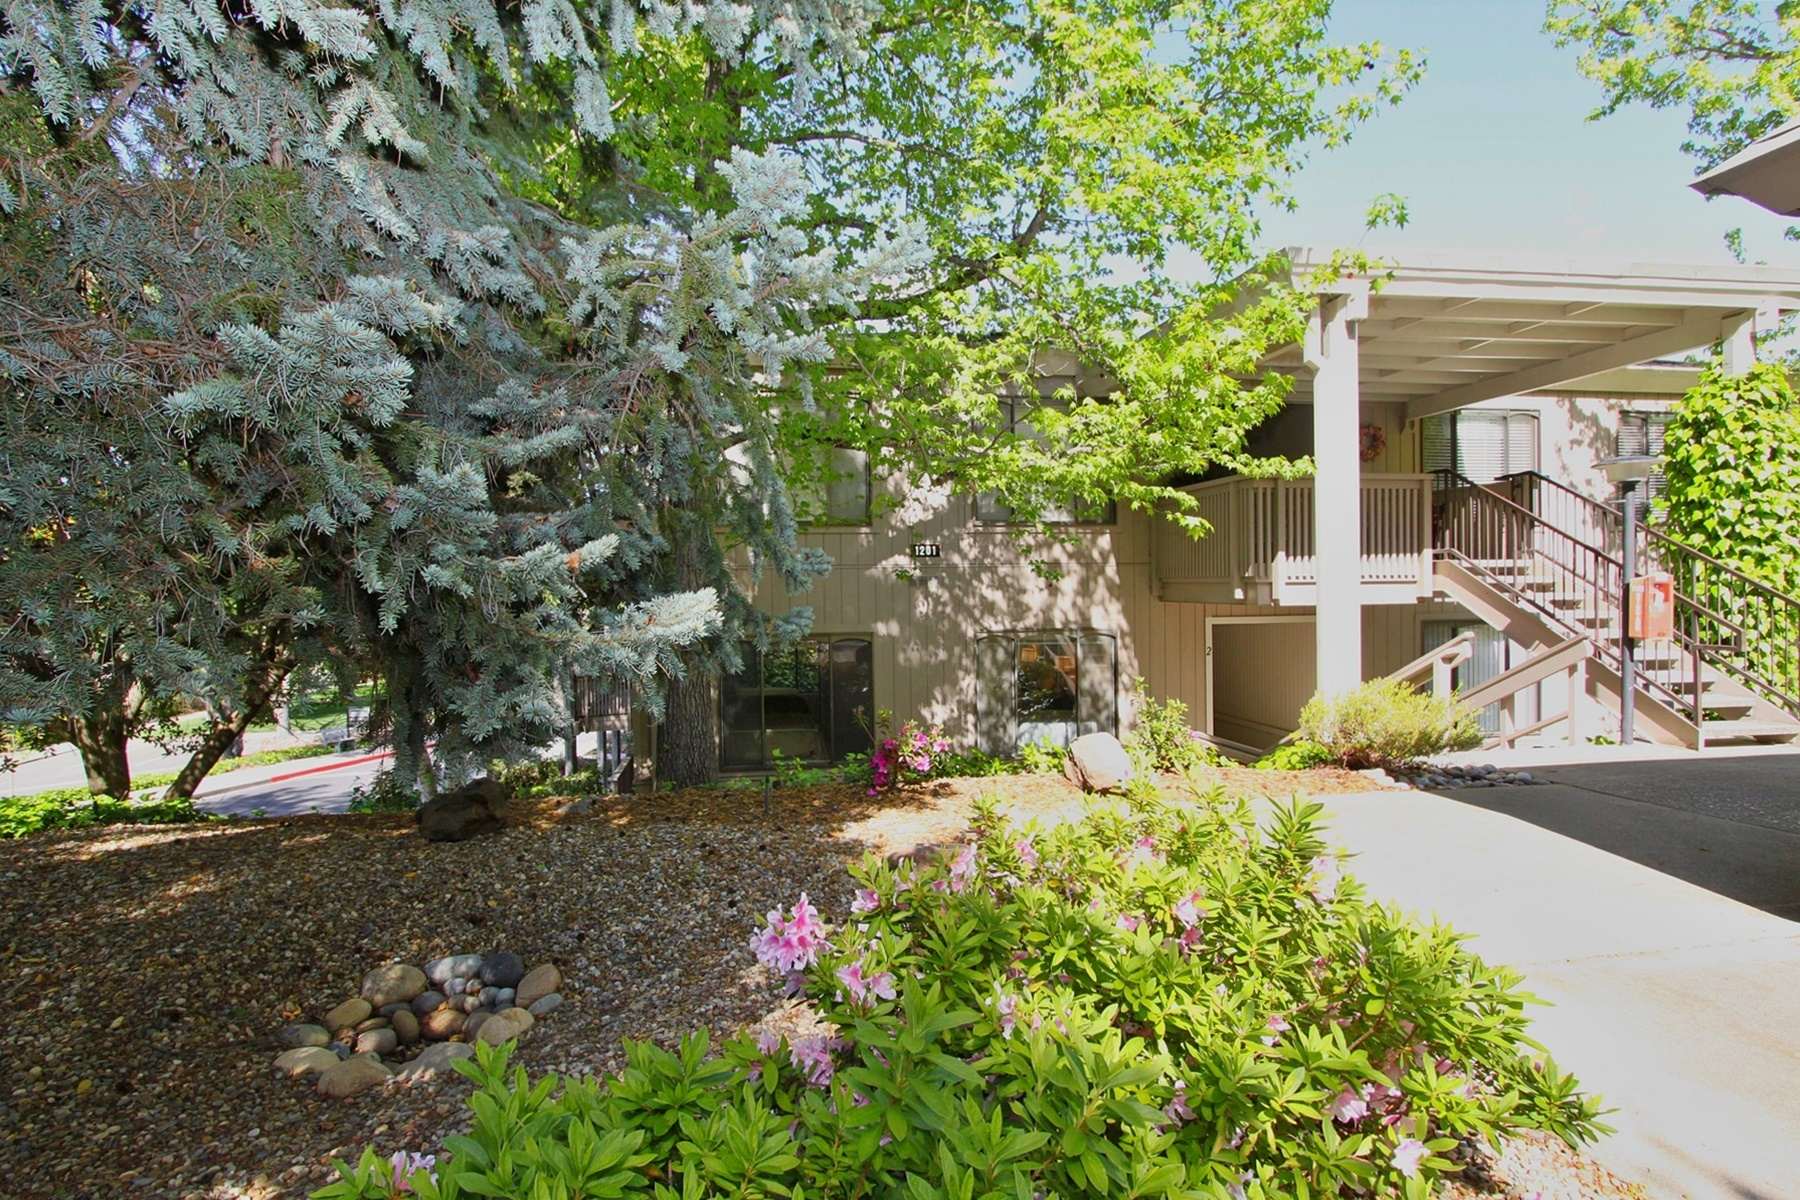 Кондоминиум для того Продажа на New Beginnings In Rossmoor 1201 Fairlawn Court #2 Walnut Creek, Калифорния 94595 Соединенные Штаты